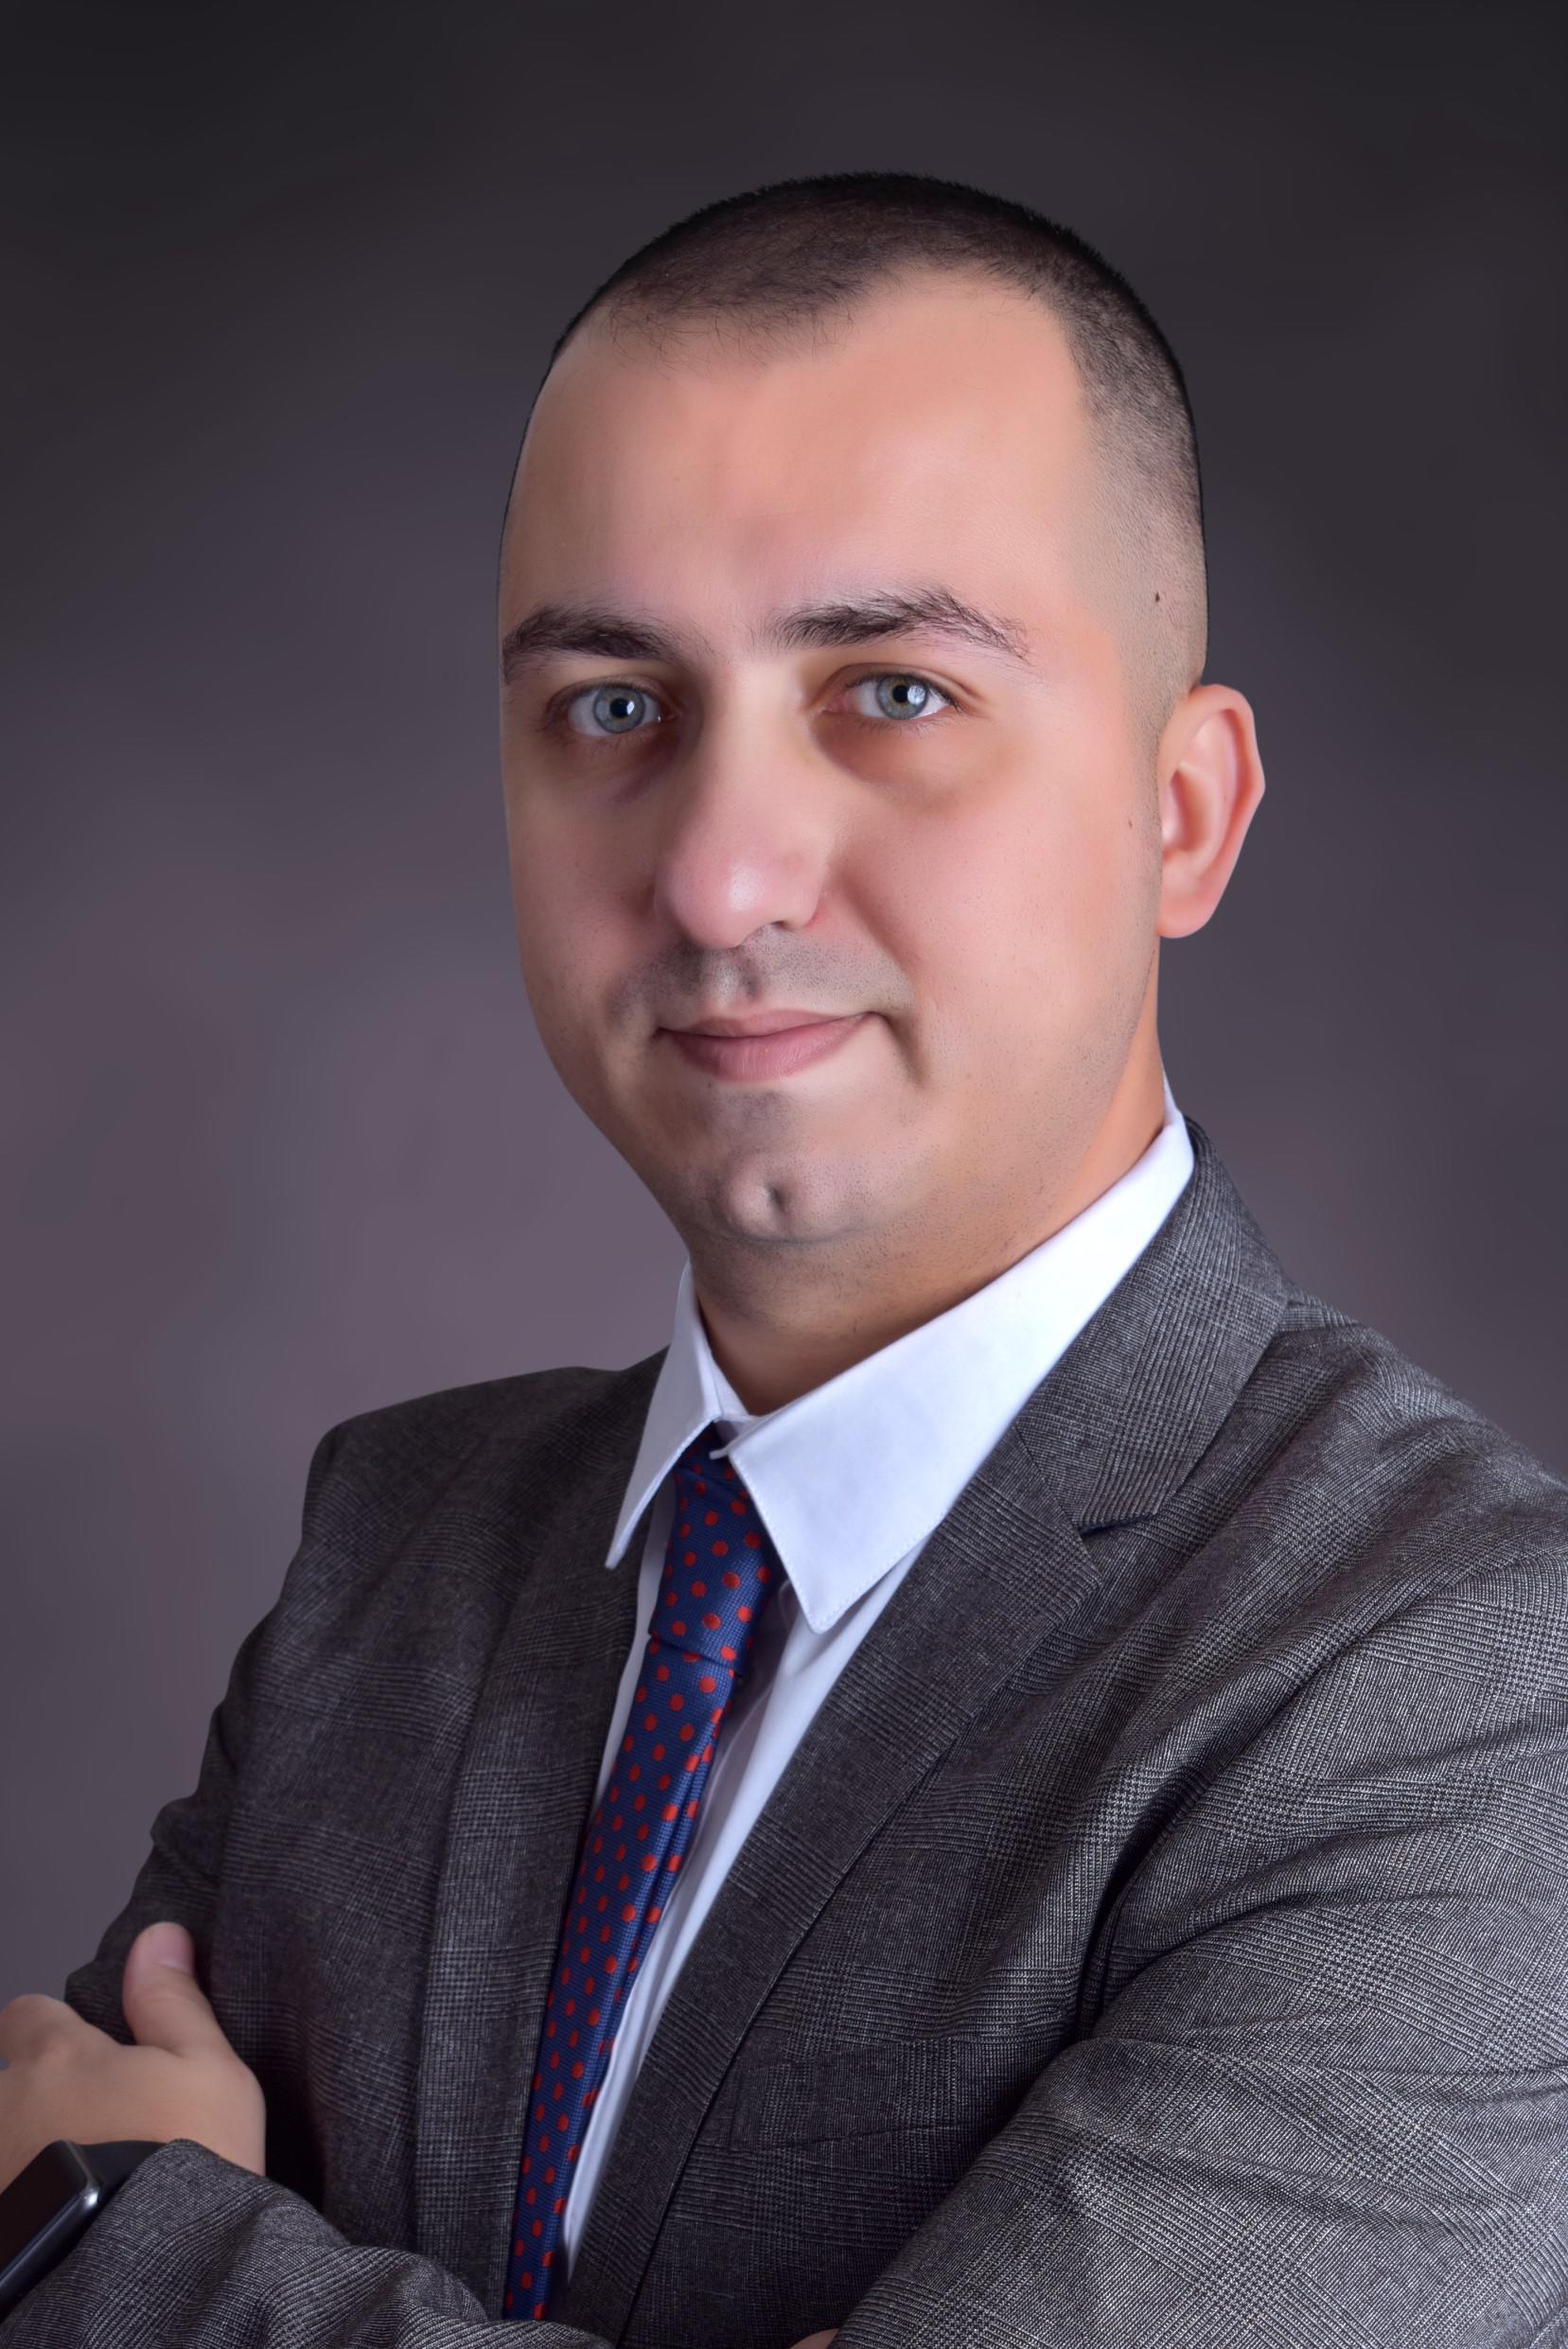 Abdulawal Alsakka, à votre service chez Allstate pour vos besoins d'assurance